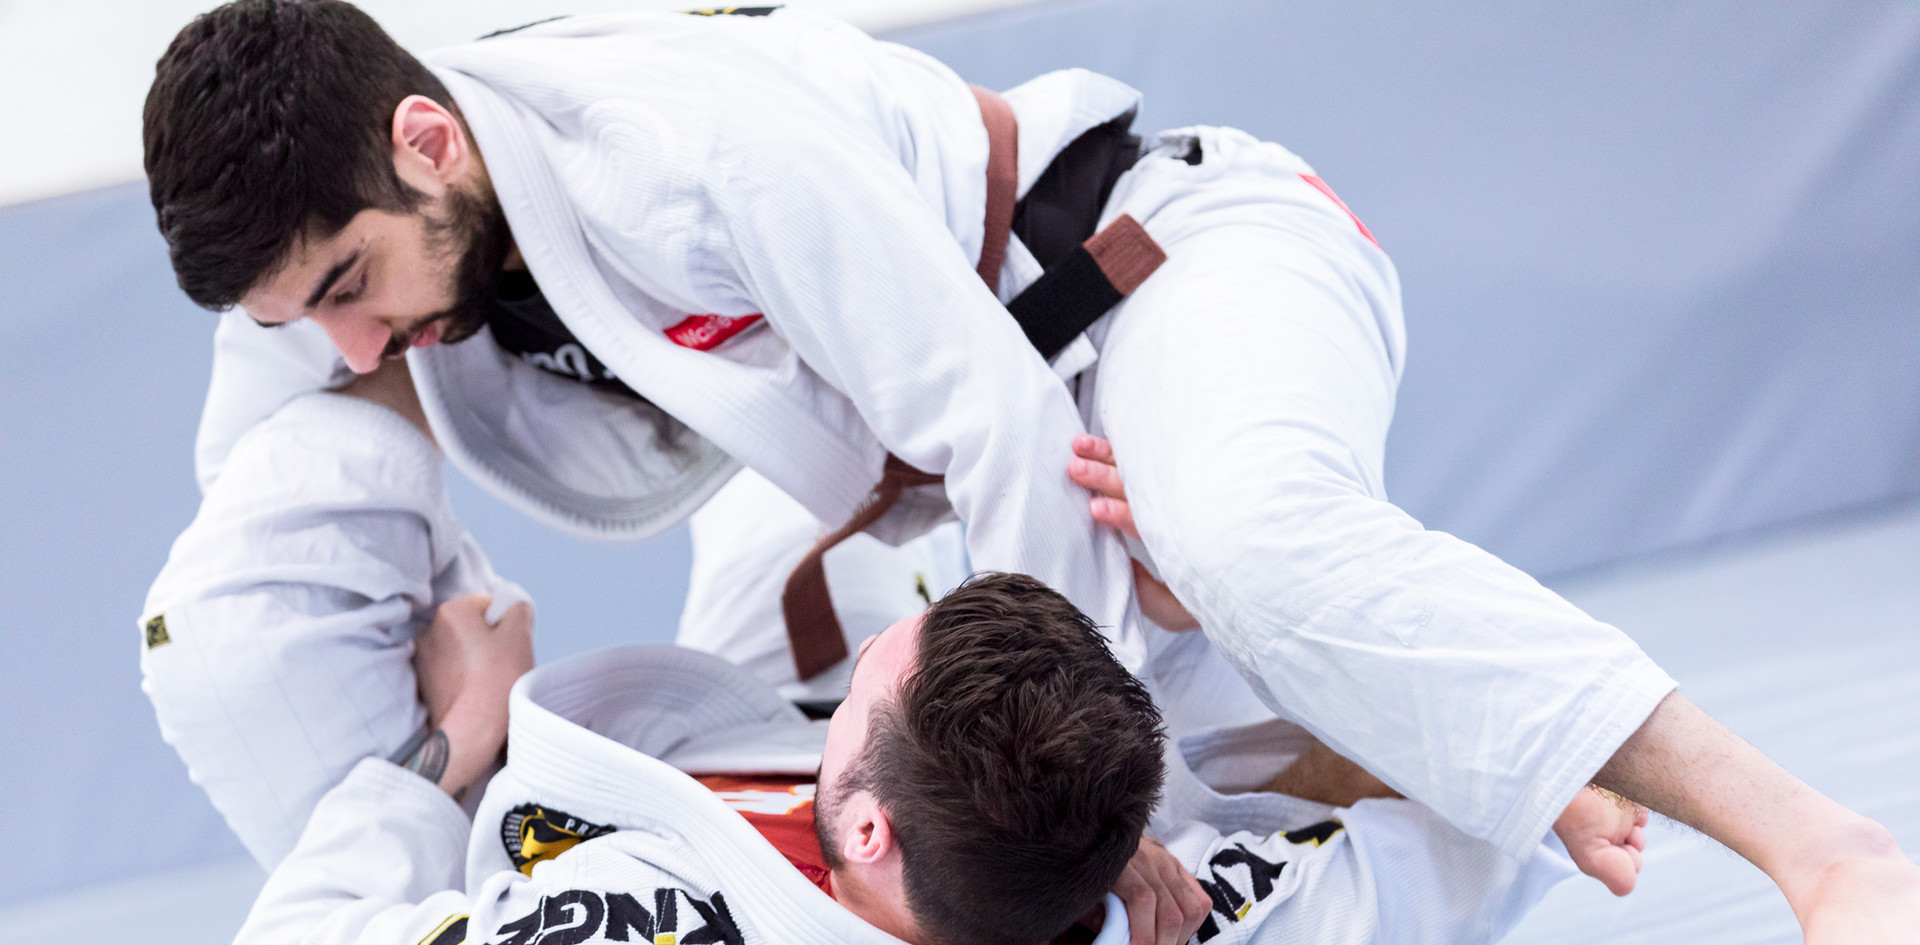 Wasim ahmed Brown Belt Brazilian Jiu Jitsu